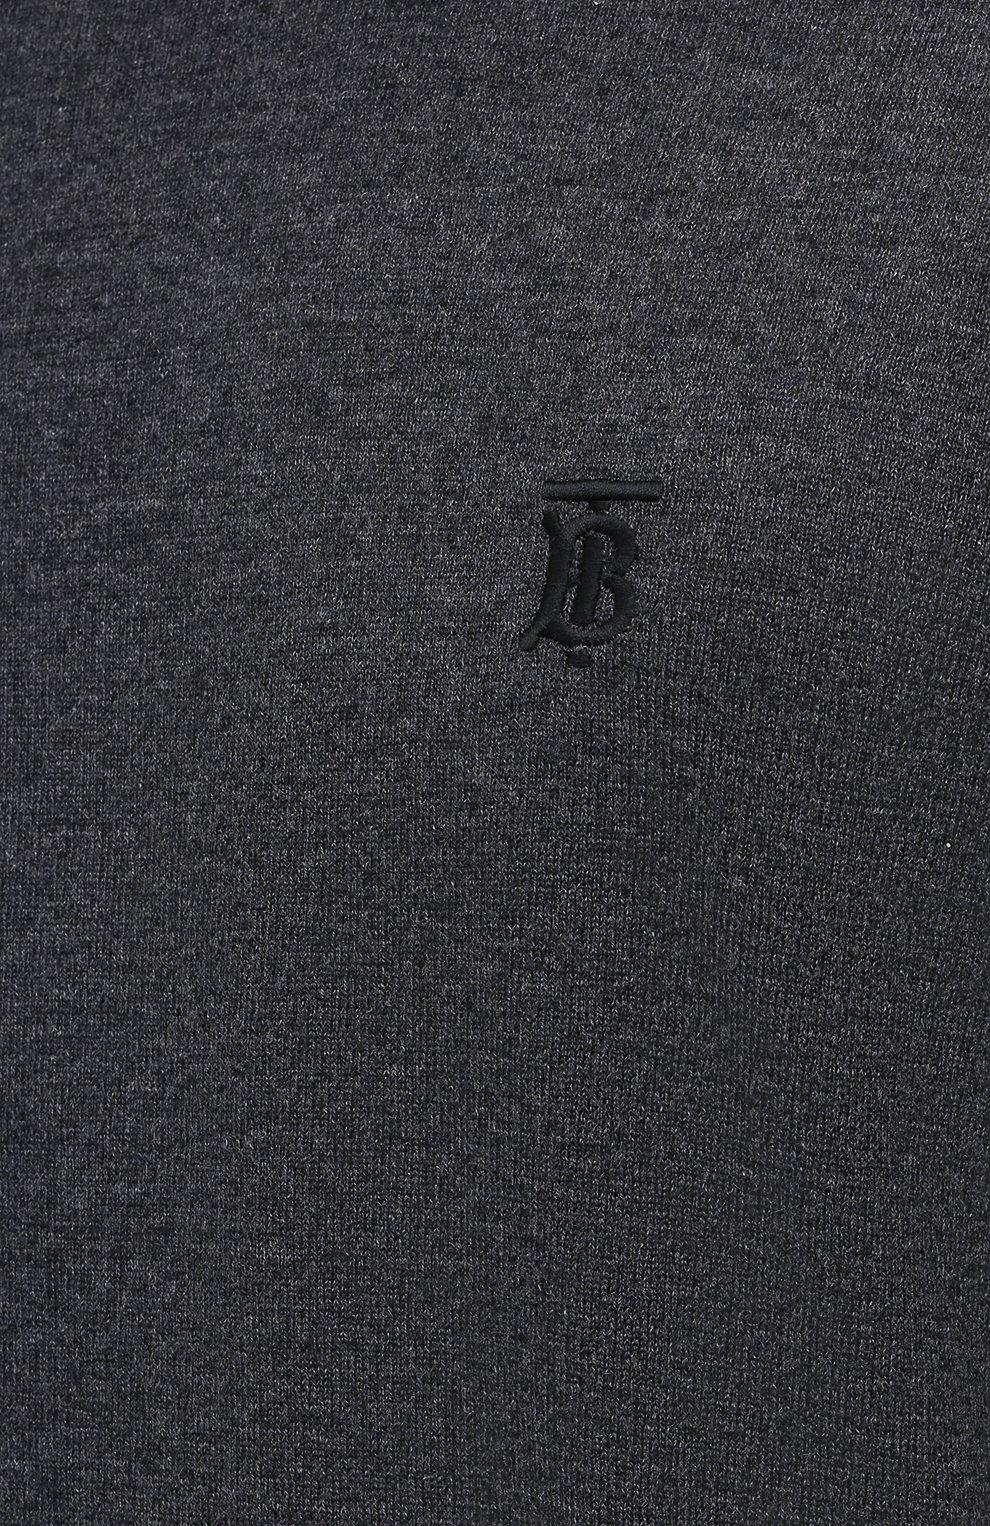 Мужской кашемировый джемпер BURBERRY серого цвета, арт. 8044320 | Фото 5 (Мужское Кросс-КТ: Джемперы; Материал внешний: Шерсть, Кашемир; Рукава: Длинные; Принт: Без принта; Длина (для топов): Стандартные; Вырез: Круглый; Стили: Кэжуэл)